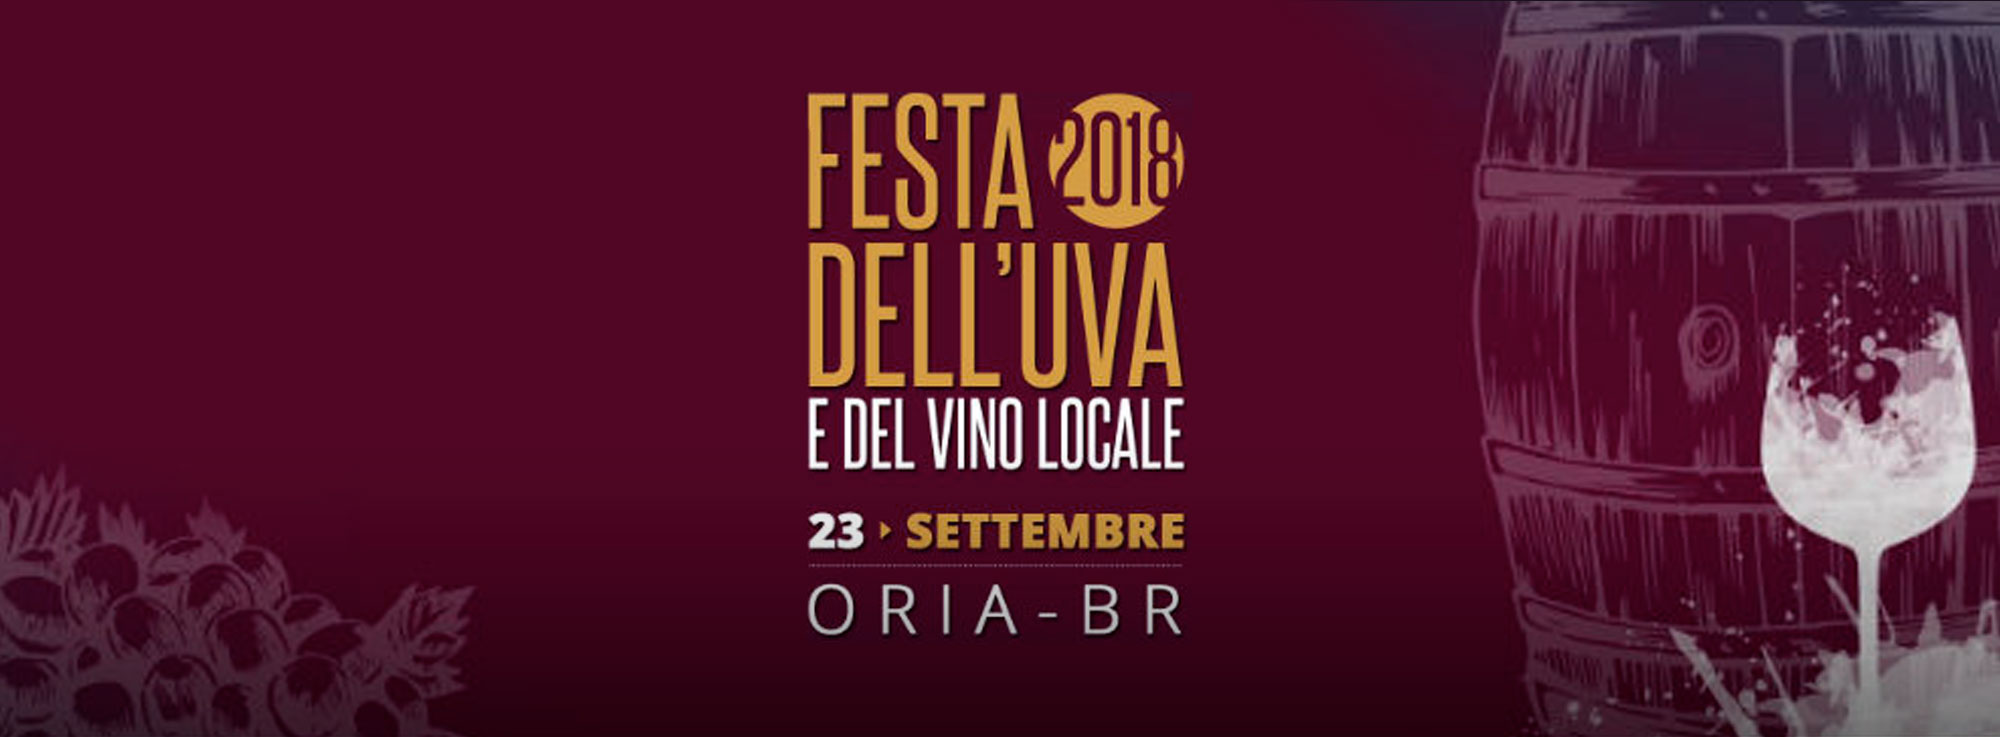 Oria: Festa dell'uva e del vino locale